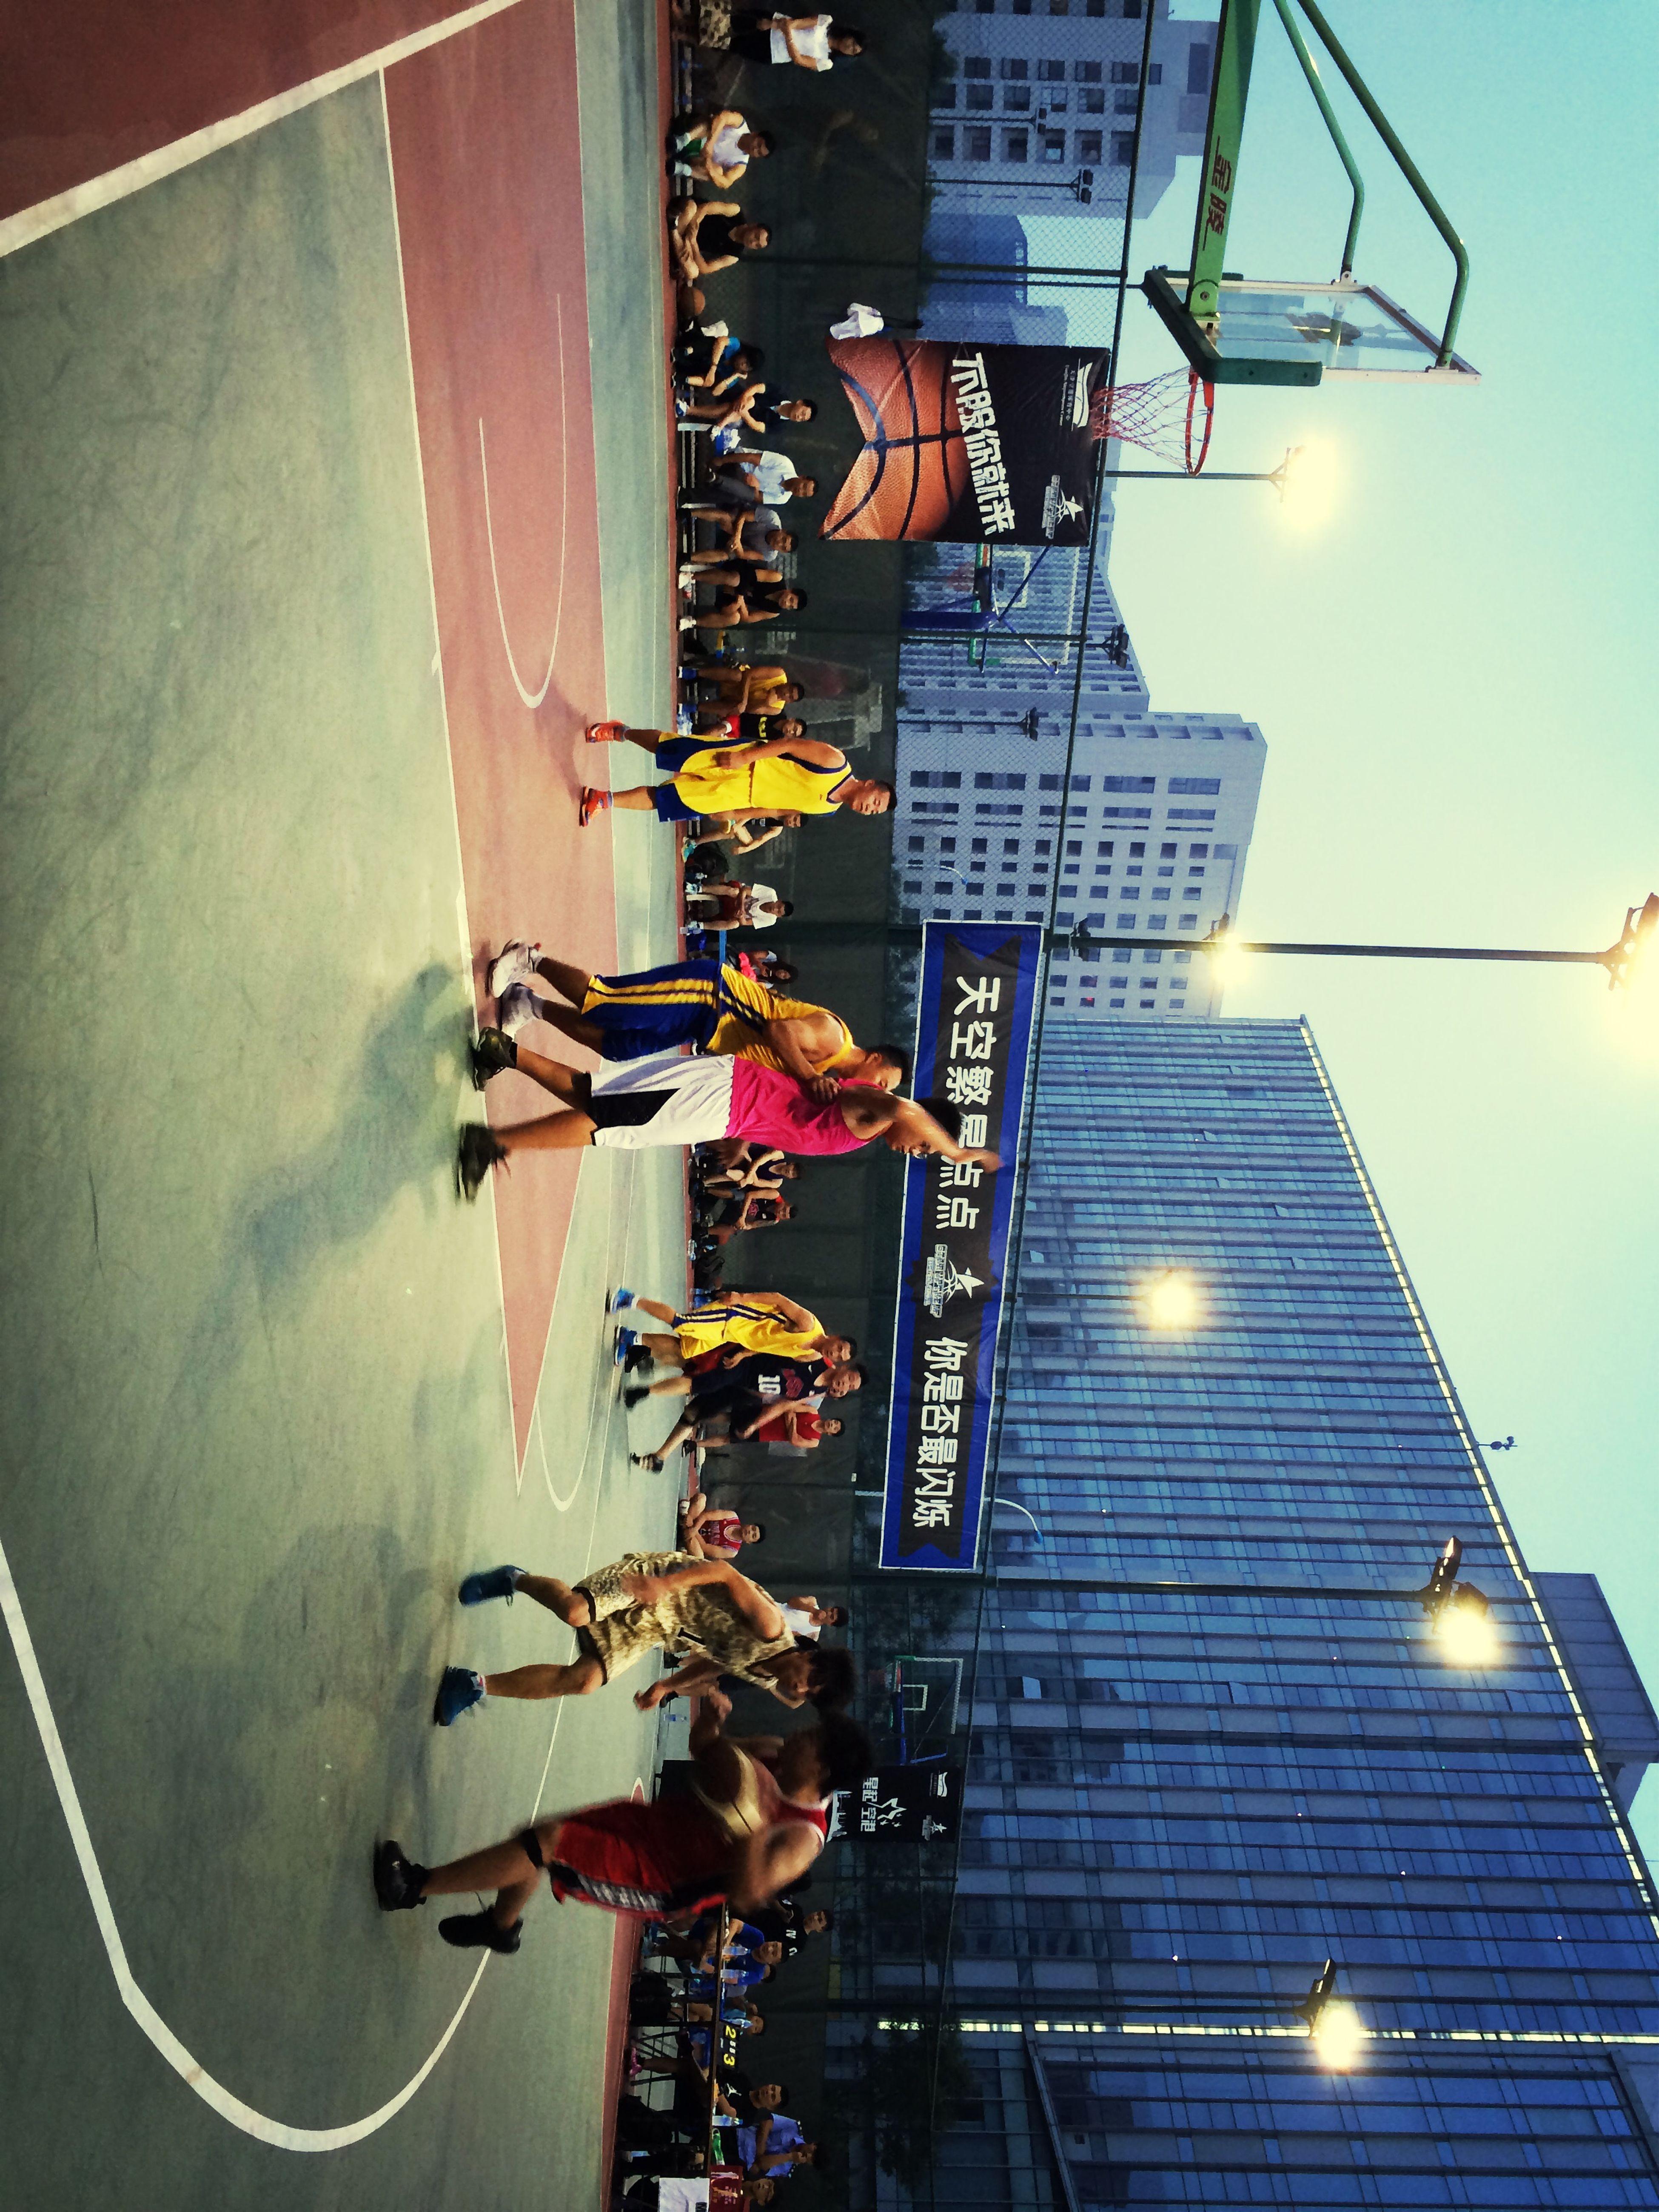 很激烈的比赛 比赛 篮球 运动 街球